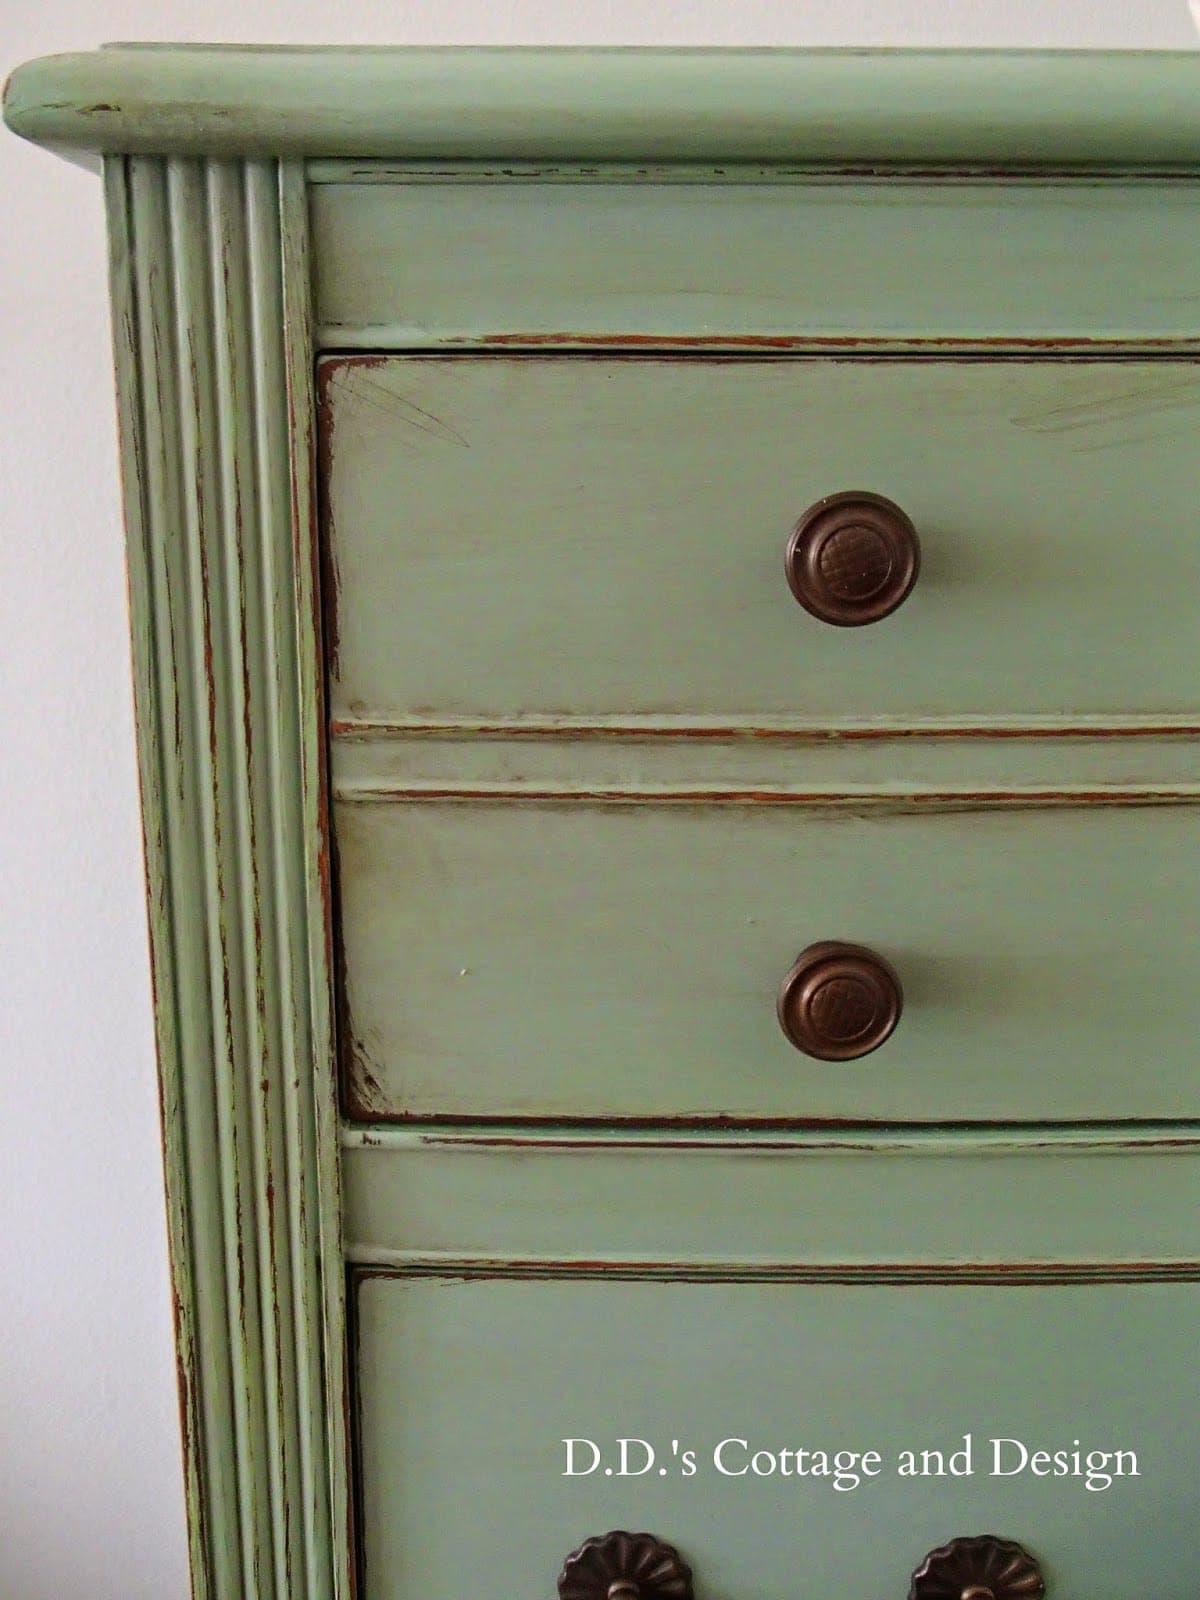 A close up of a dresser